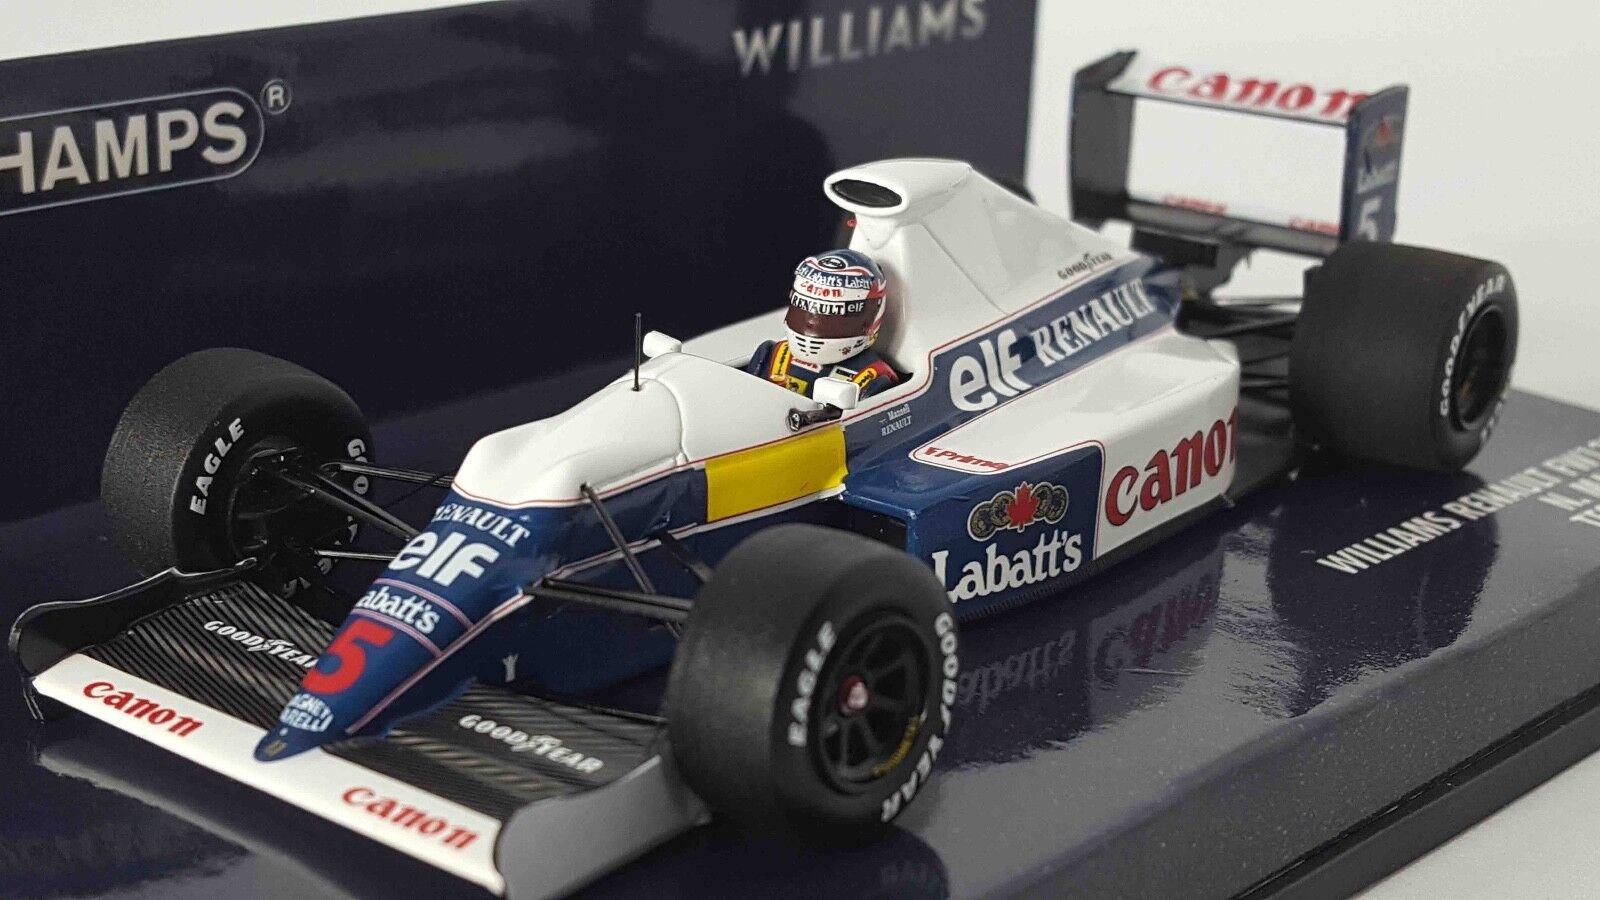 Minichamps 437910105 1 43 Williams FW13B Nigel Mansell sesión de prueba F1 Modelo